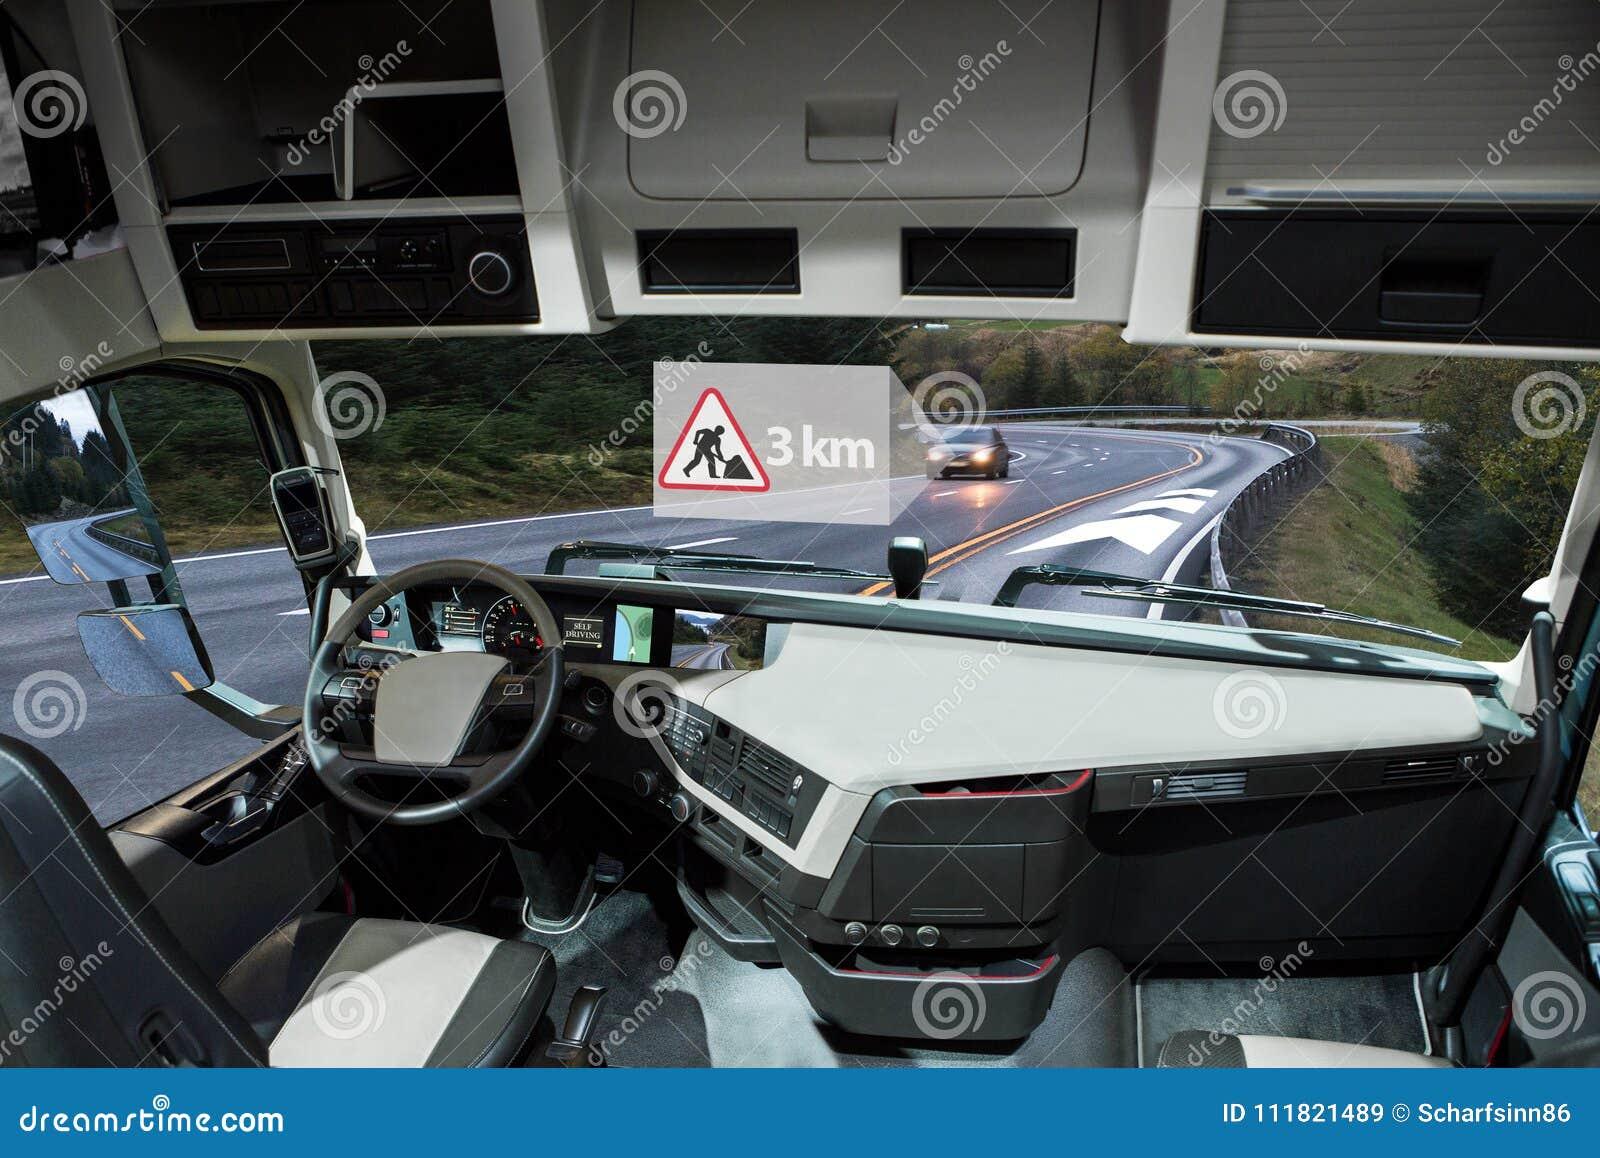 Selbst, der LKW auf einer Straße fährt Fahrzeug zur Fahrzeugkommunikation